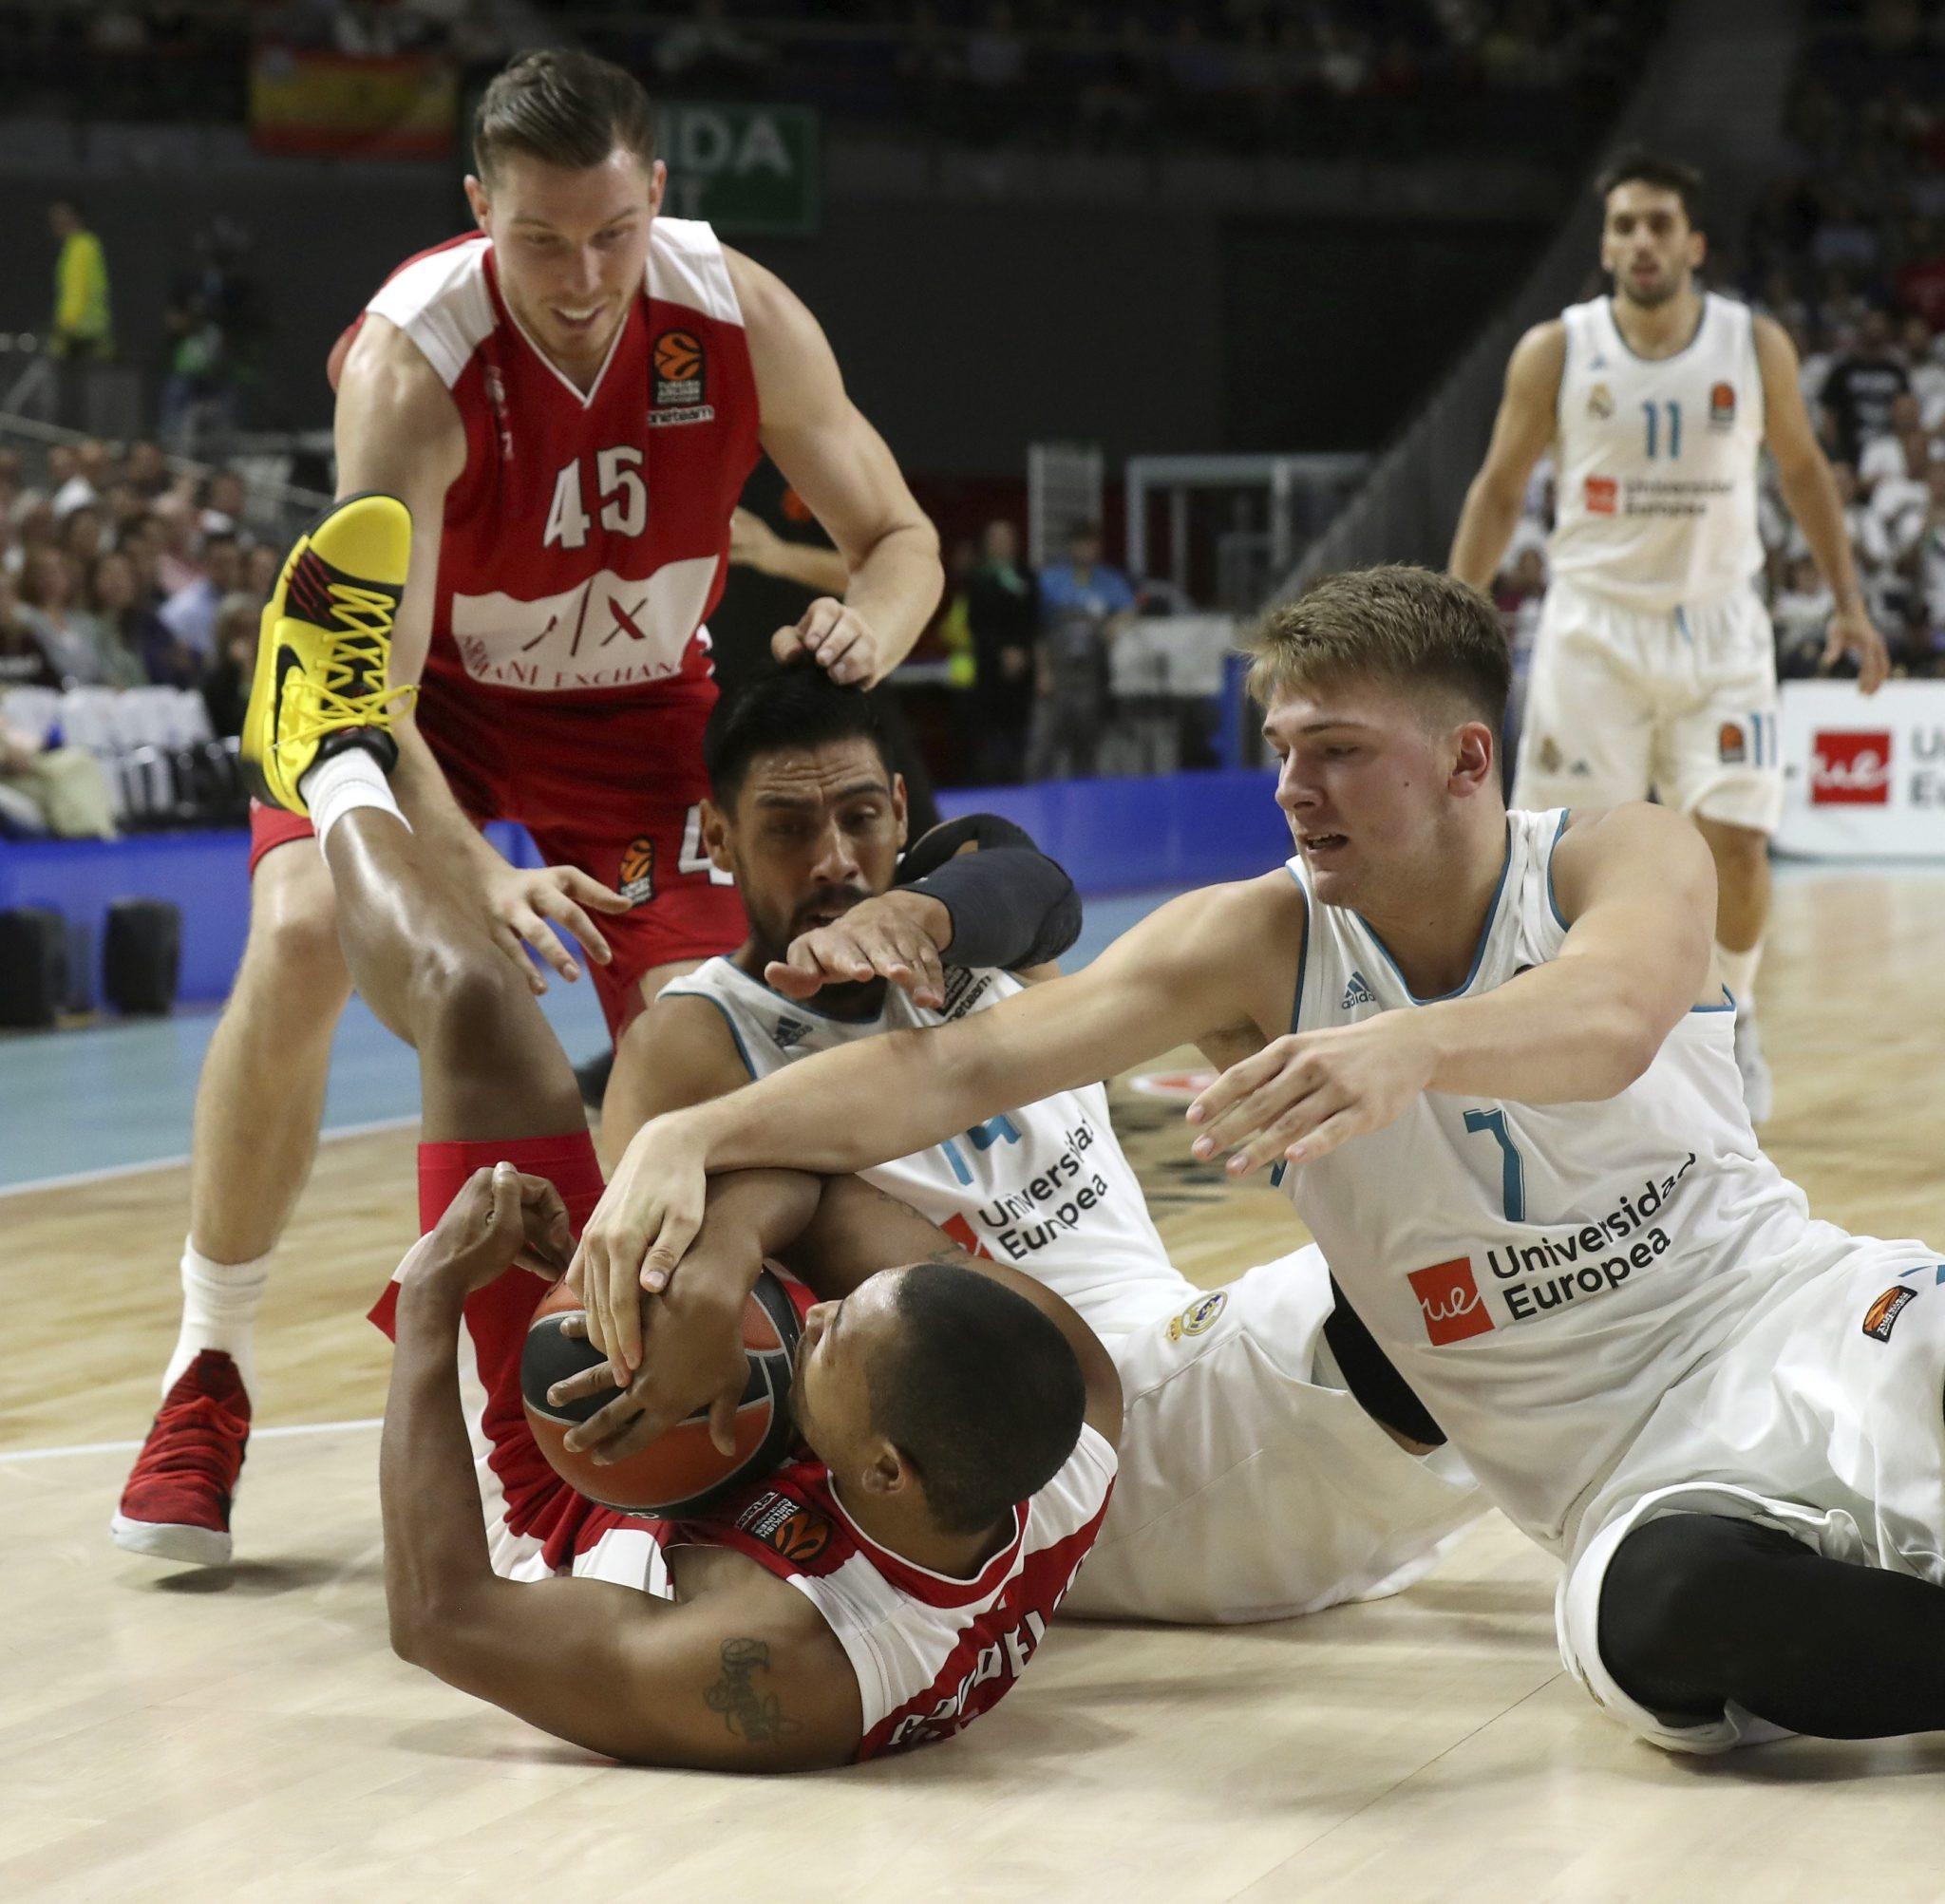 Euroliga koszykówki między Real Madryt a Armani Milano, fot: Kiko Huesca, PAP/ EPA